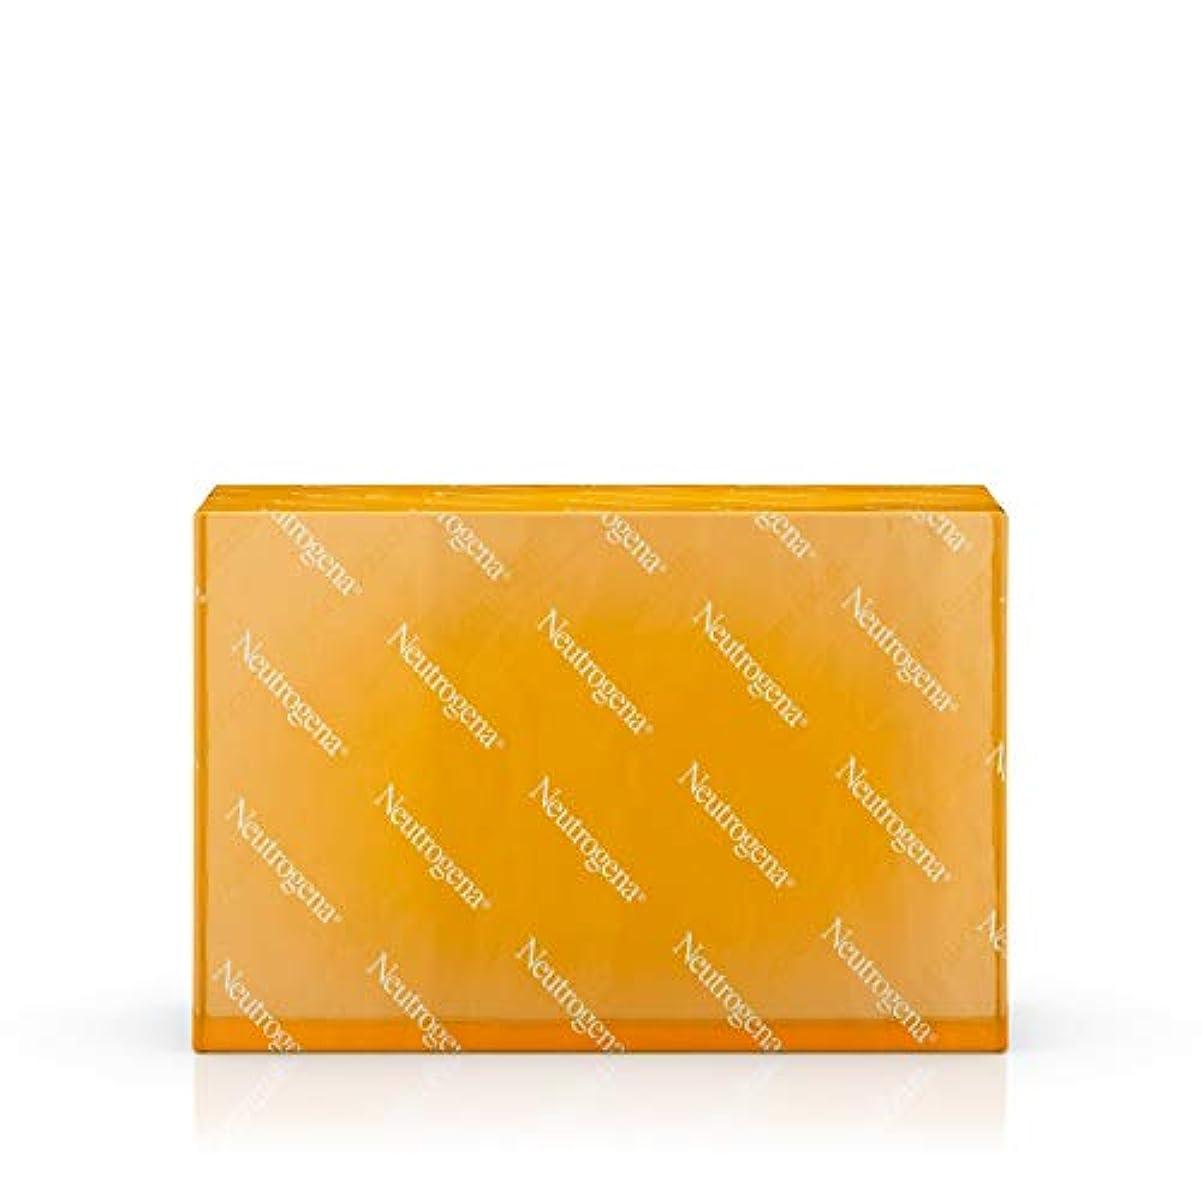 死ぬアンタゴニスト候補者海外直送品 Neutrogena Neutrogena Transparent Facial Bar Soap Fragrance Free, Fragrance Free 3.5 oz